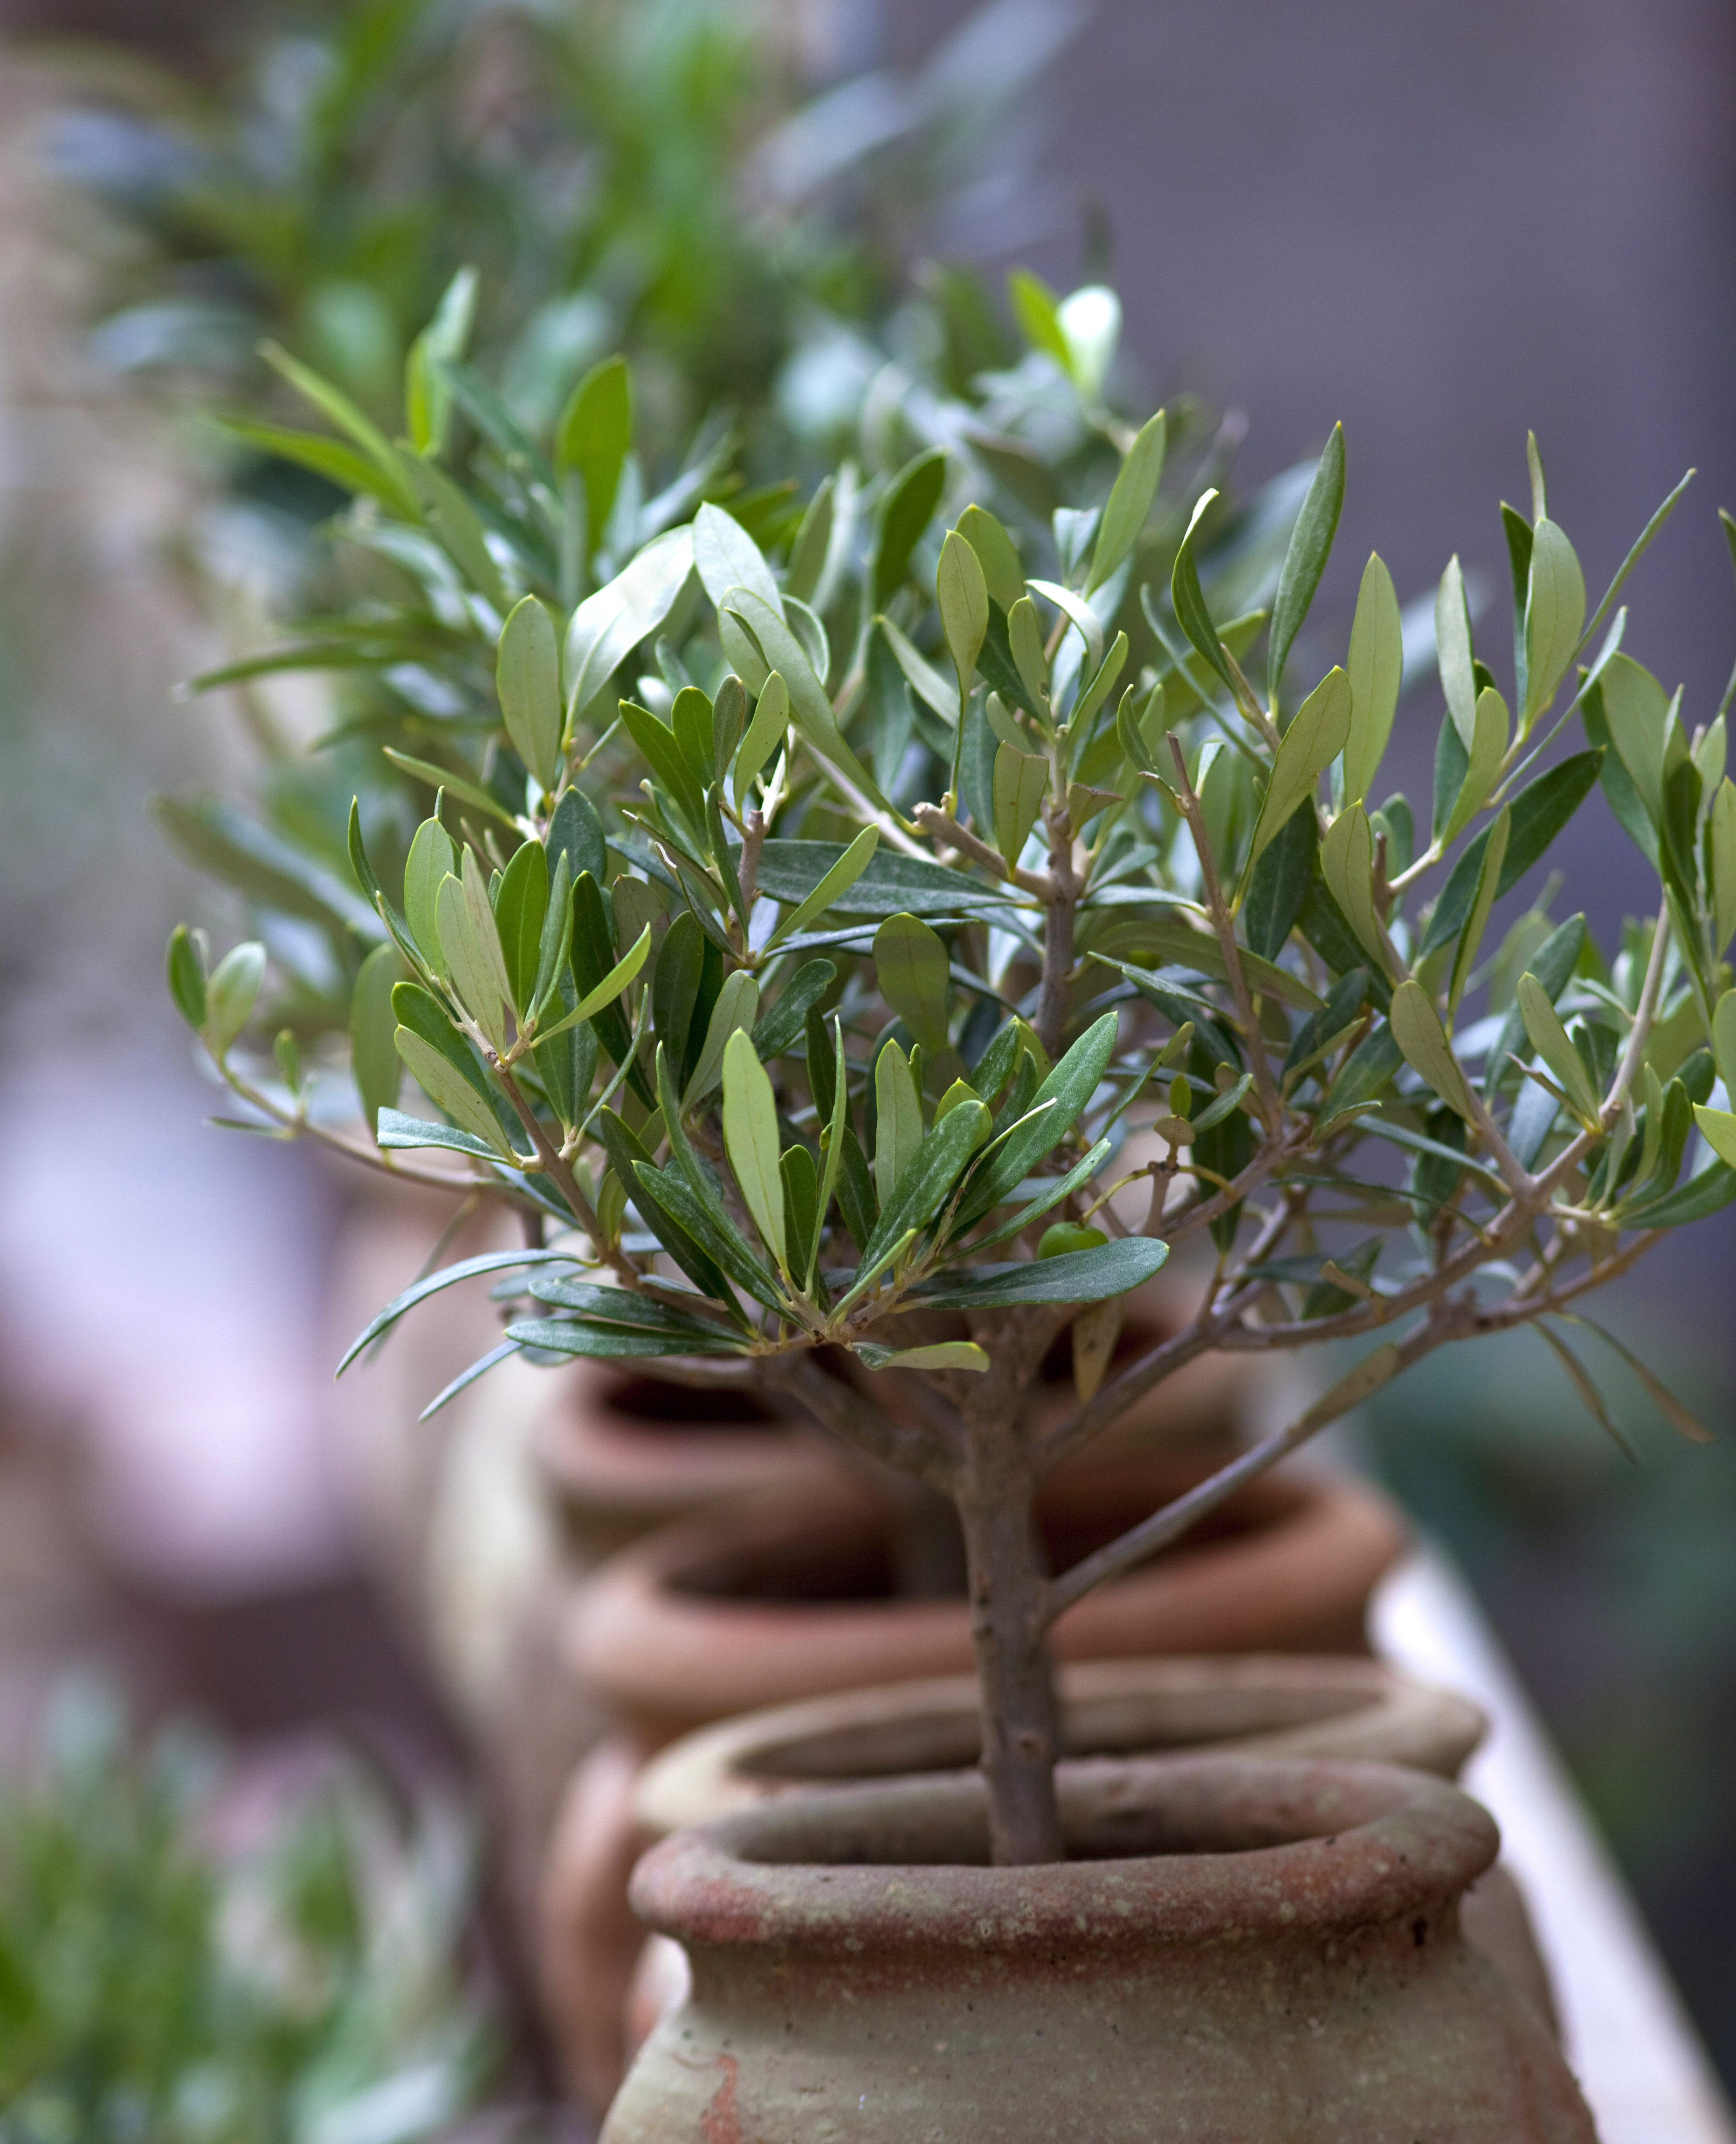 Olivier, olive, plante, sud, méditerranée, arbre, jardin, parc